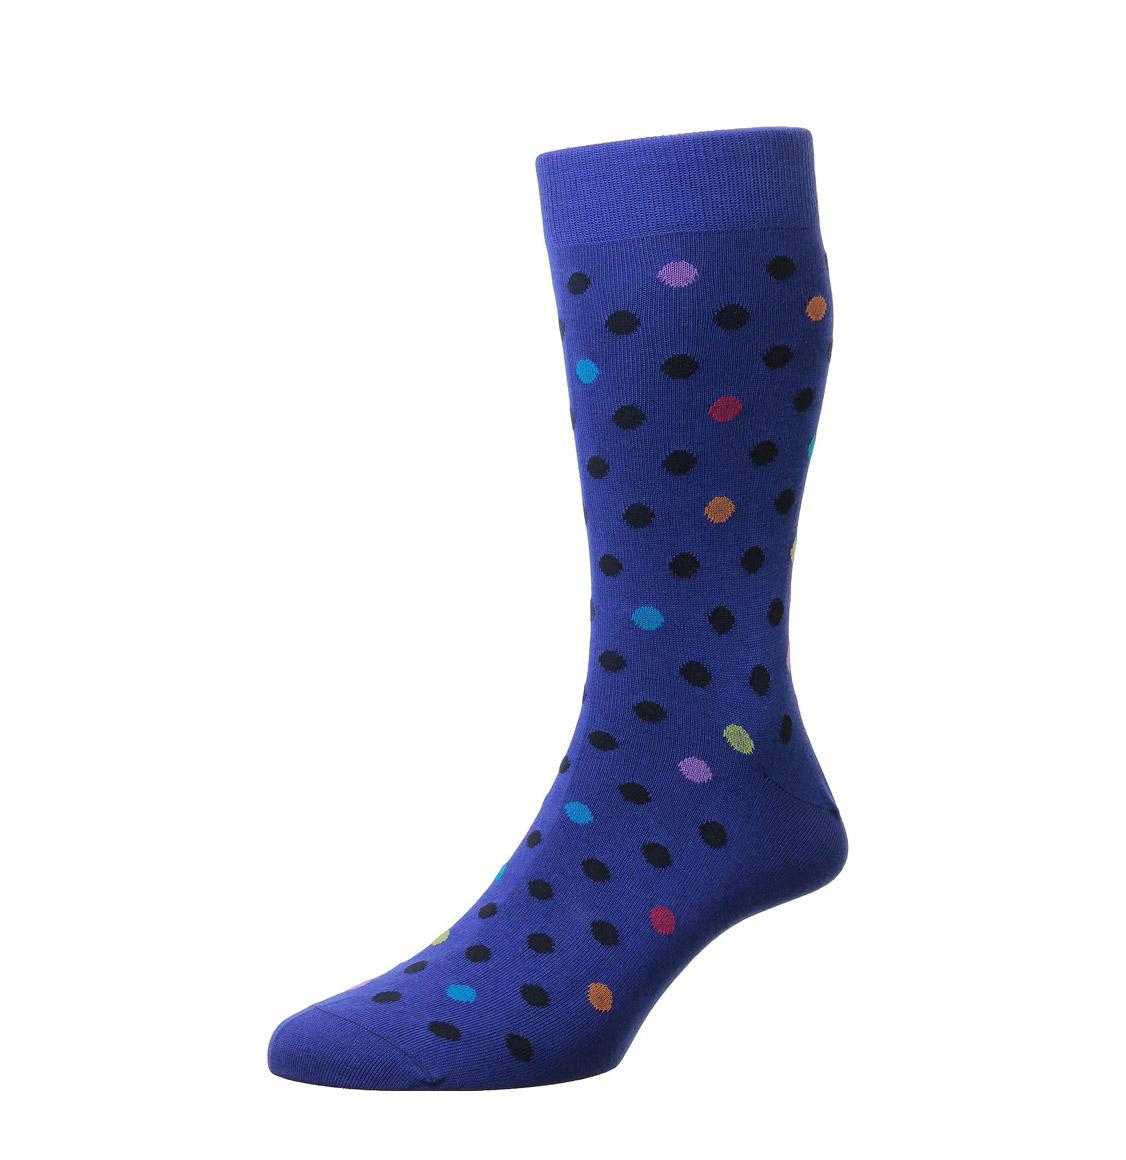 Pantherella Socks Somerford Royal